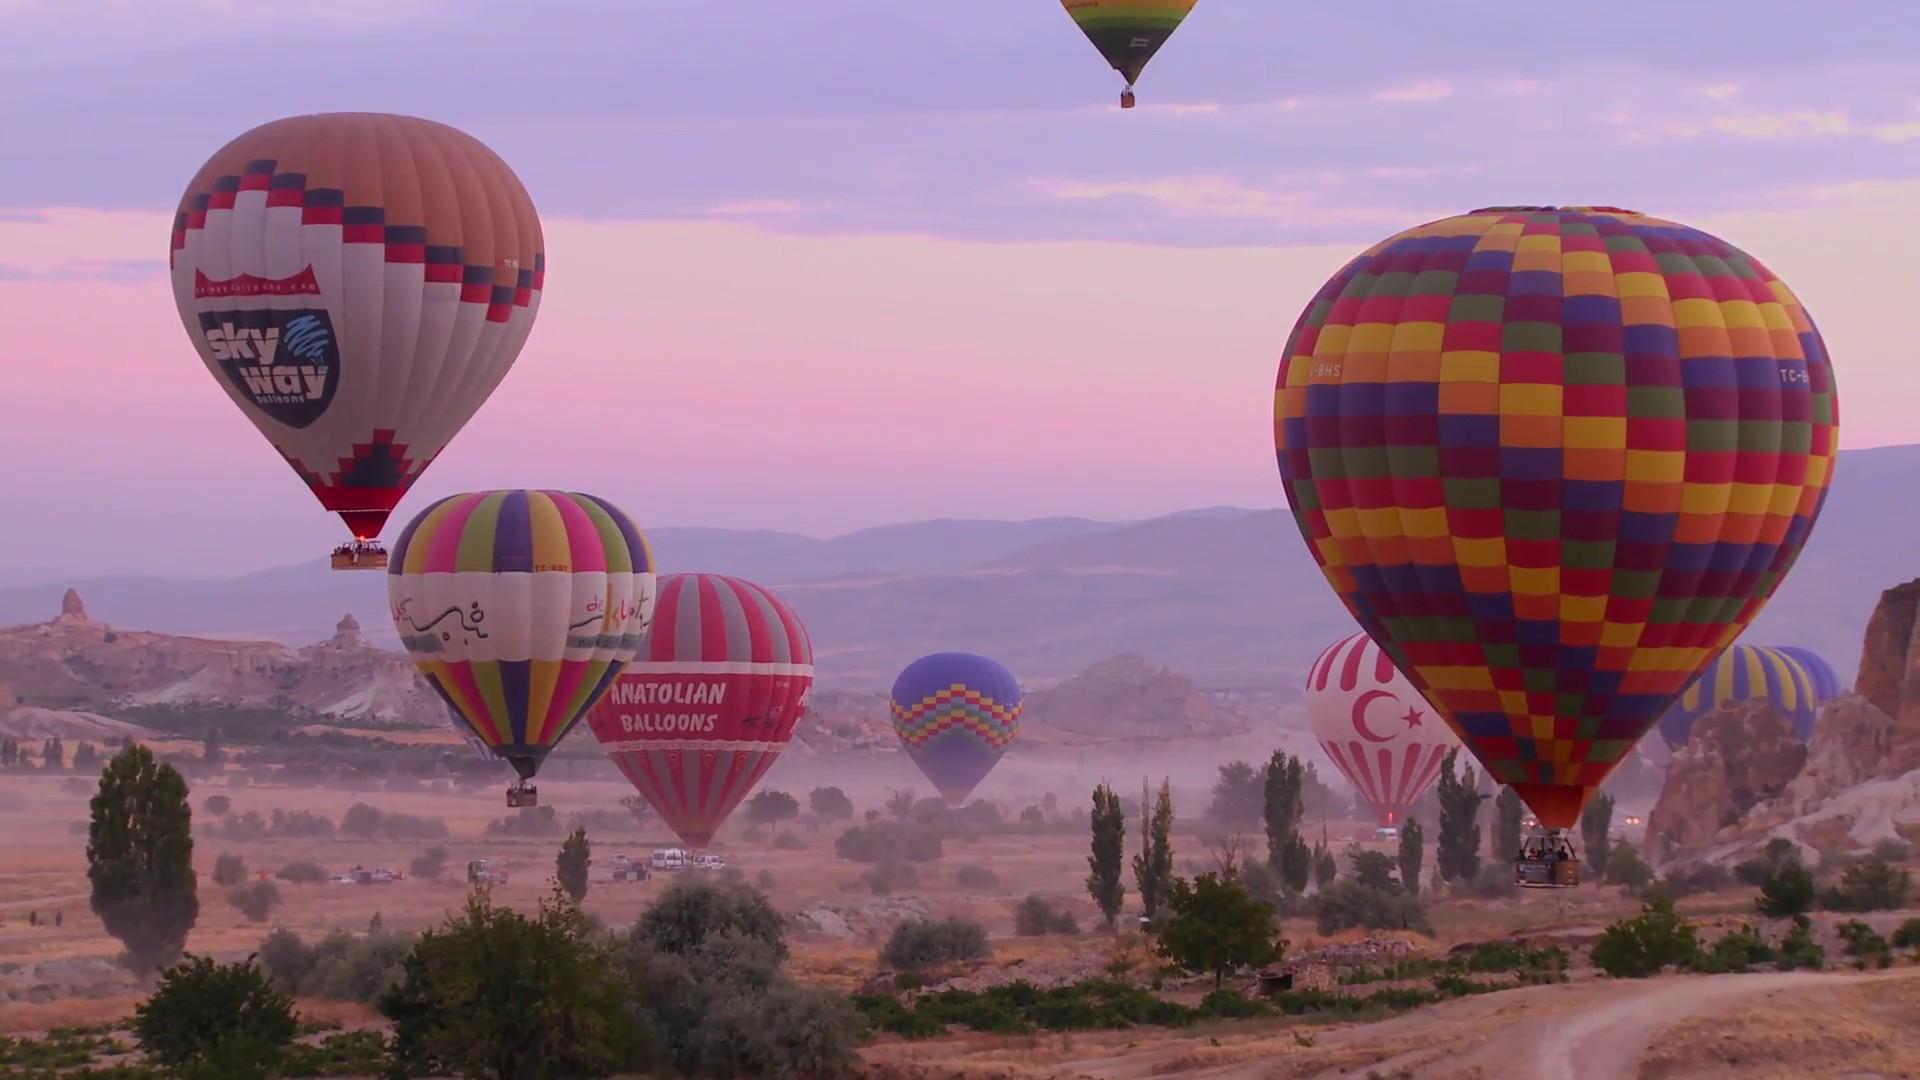 Deluxe Class Hot Air Balloon Tour